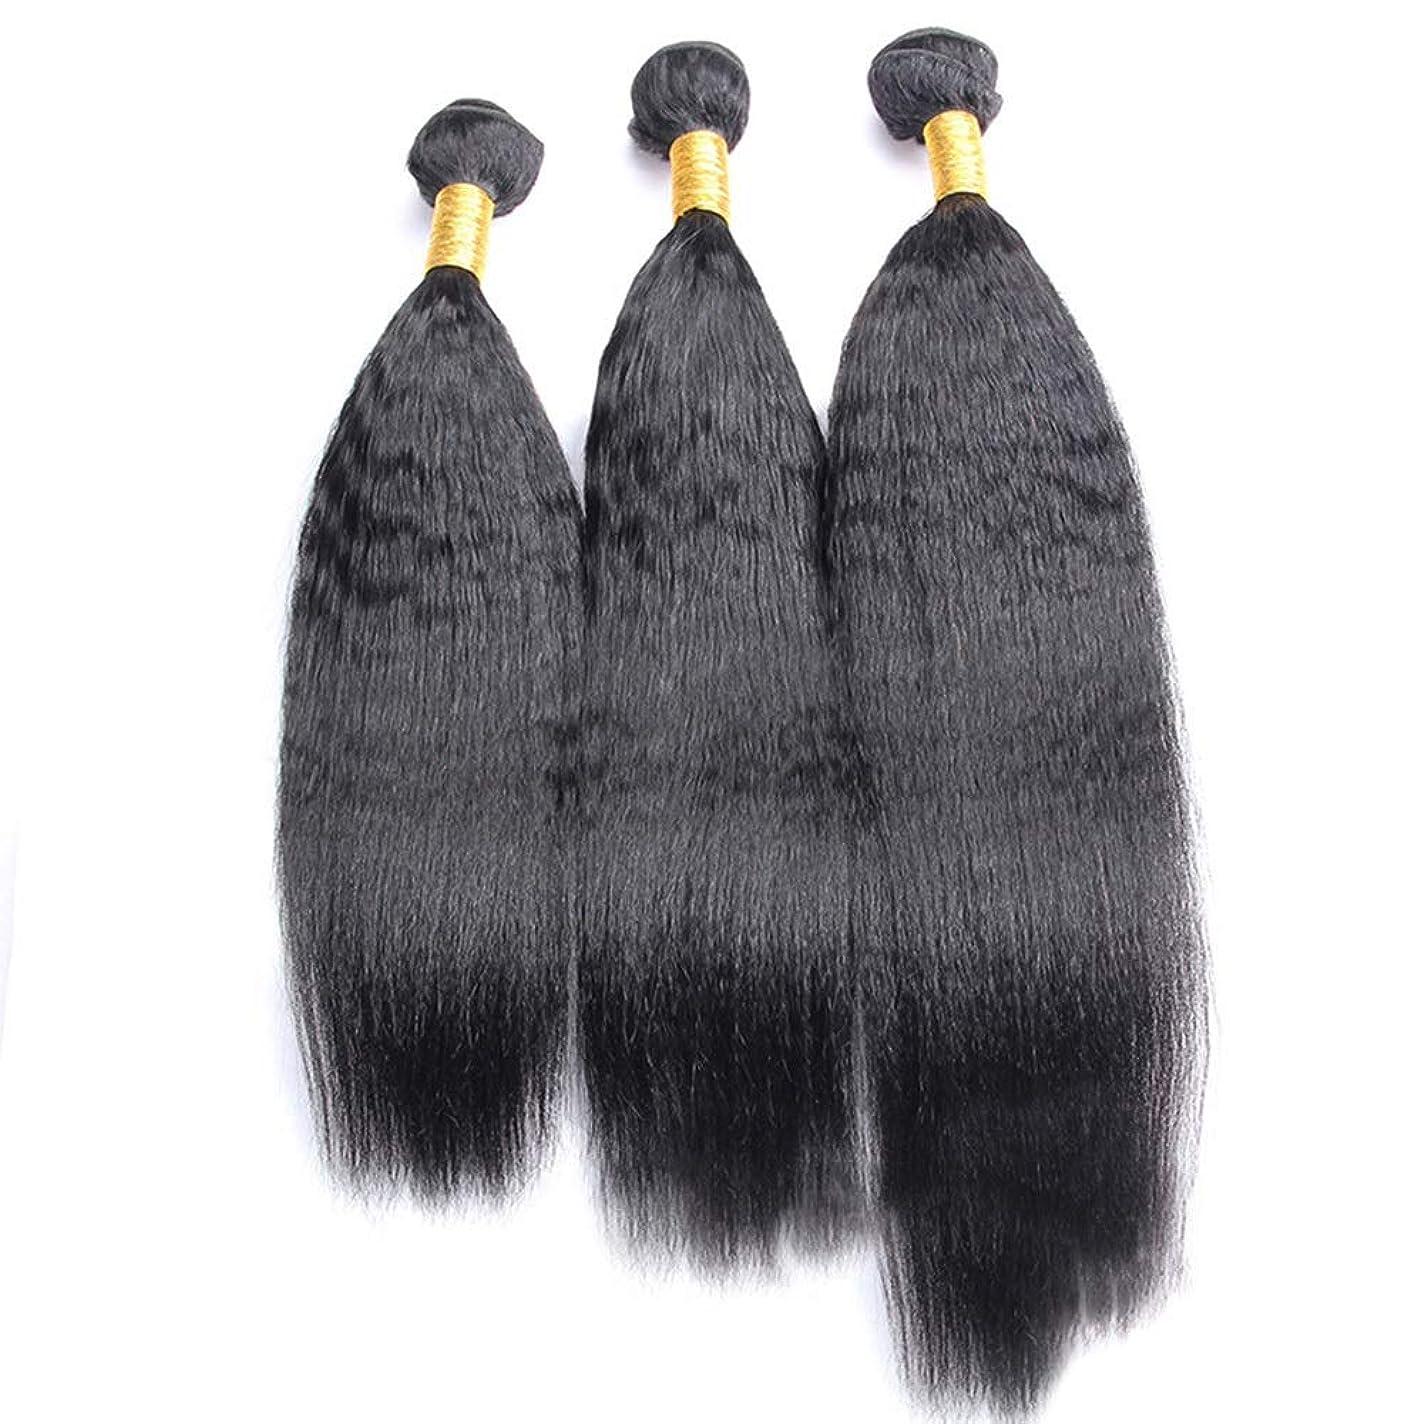 冷酷なヒューズ母性BOBIDYEE 変態ストレートブラジル人毛エクステンションナチュラルブラック(10インチ-28インチ、1バンドル)かつら (色 : 黒, サイズ : 20 inch)